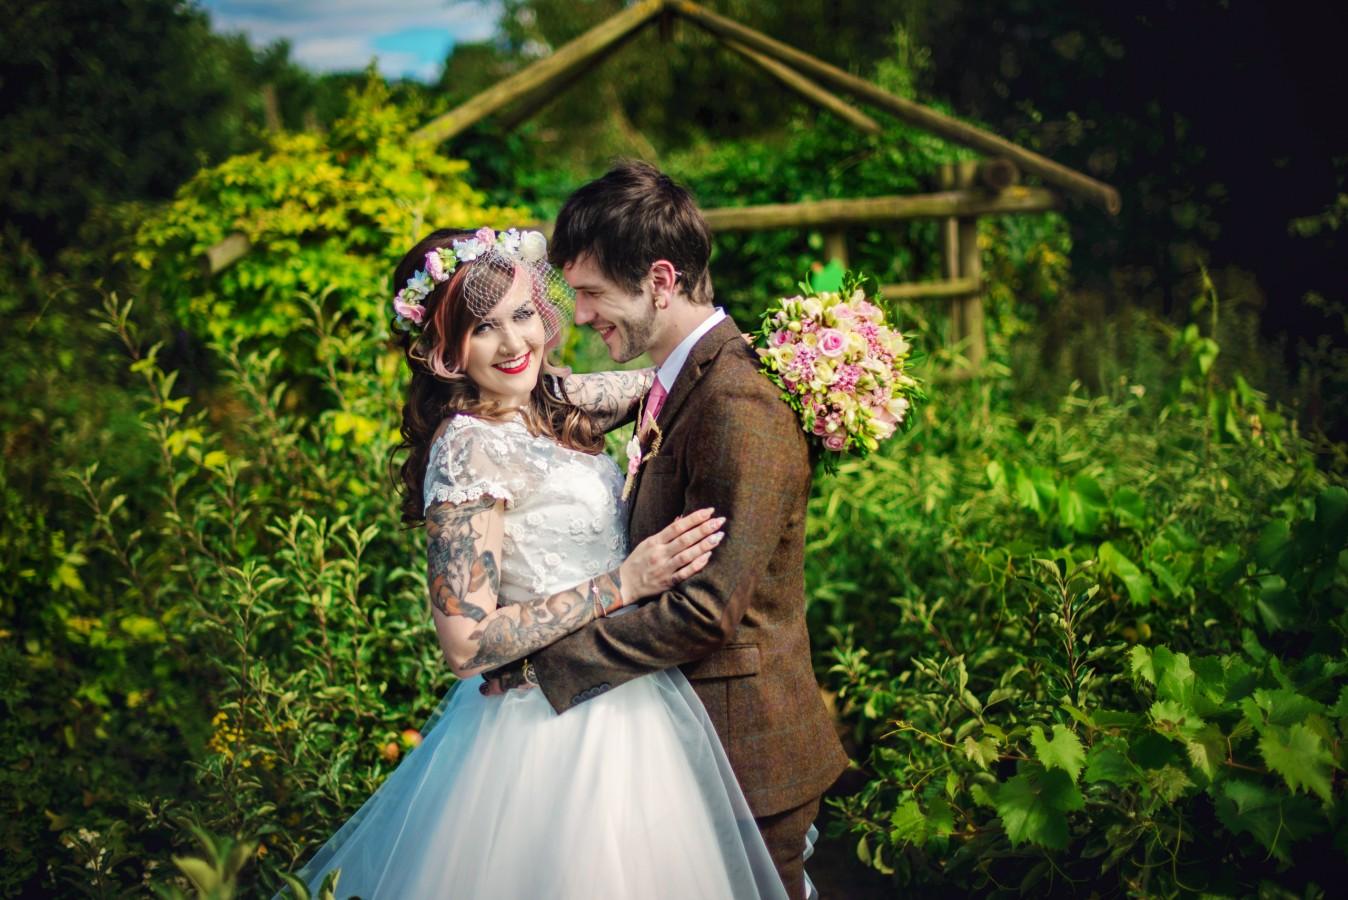 Hampshire Wedding Photographer - GK Photography-173